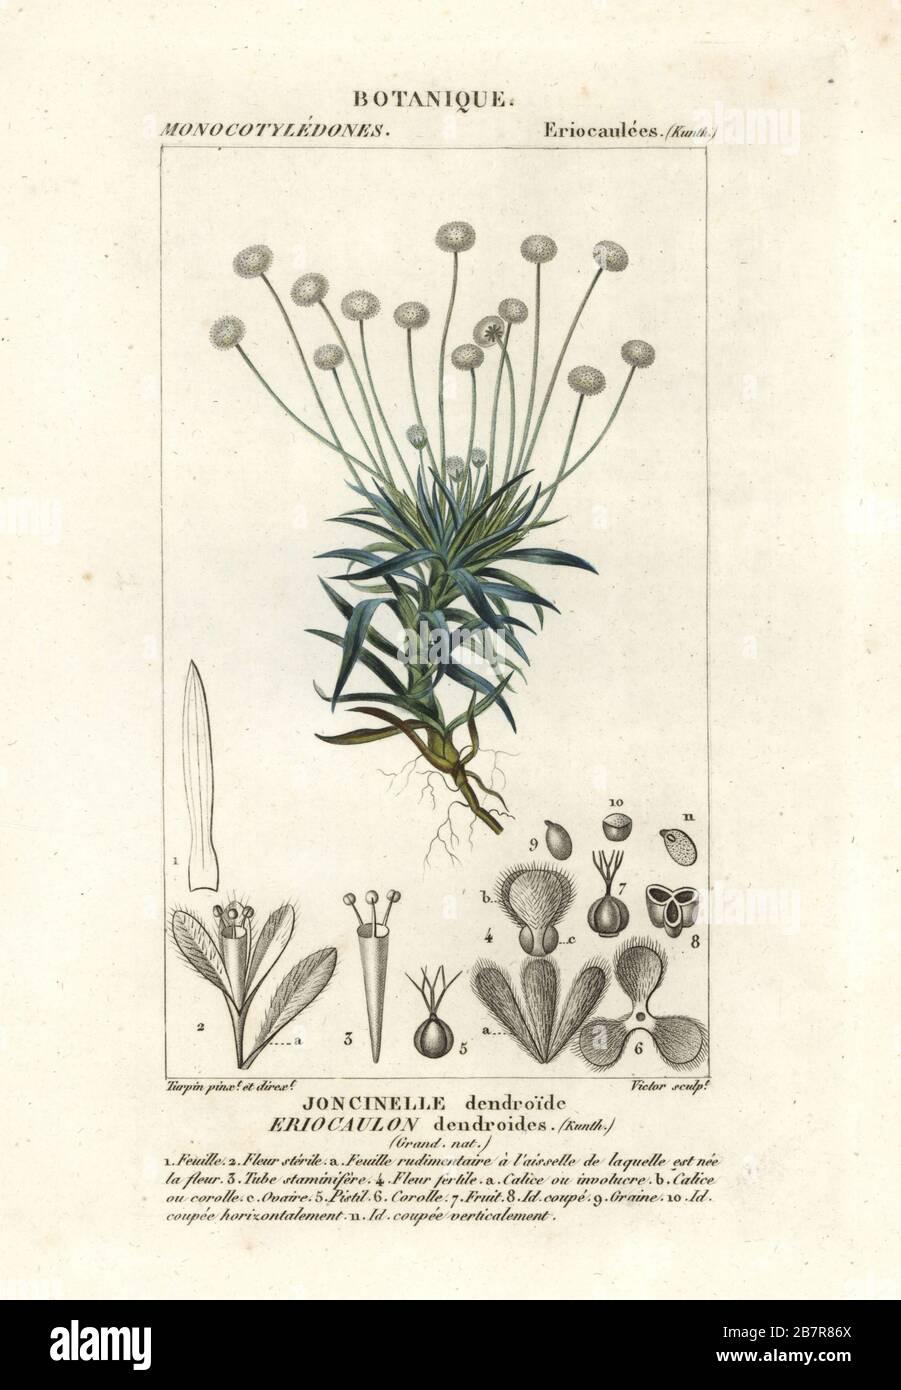 Antique Botanical Print of Eriocaulon dendroides 1829 Rare Hand-coloured Print